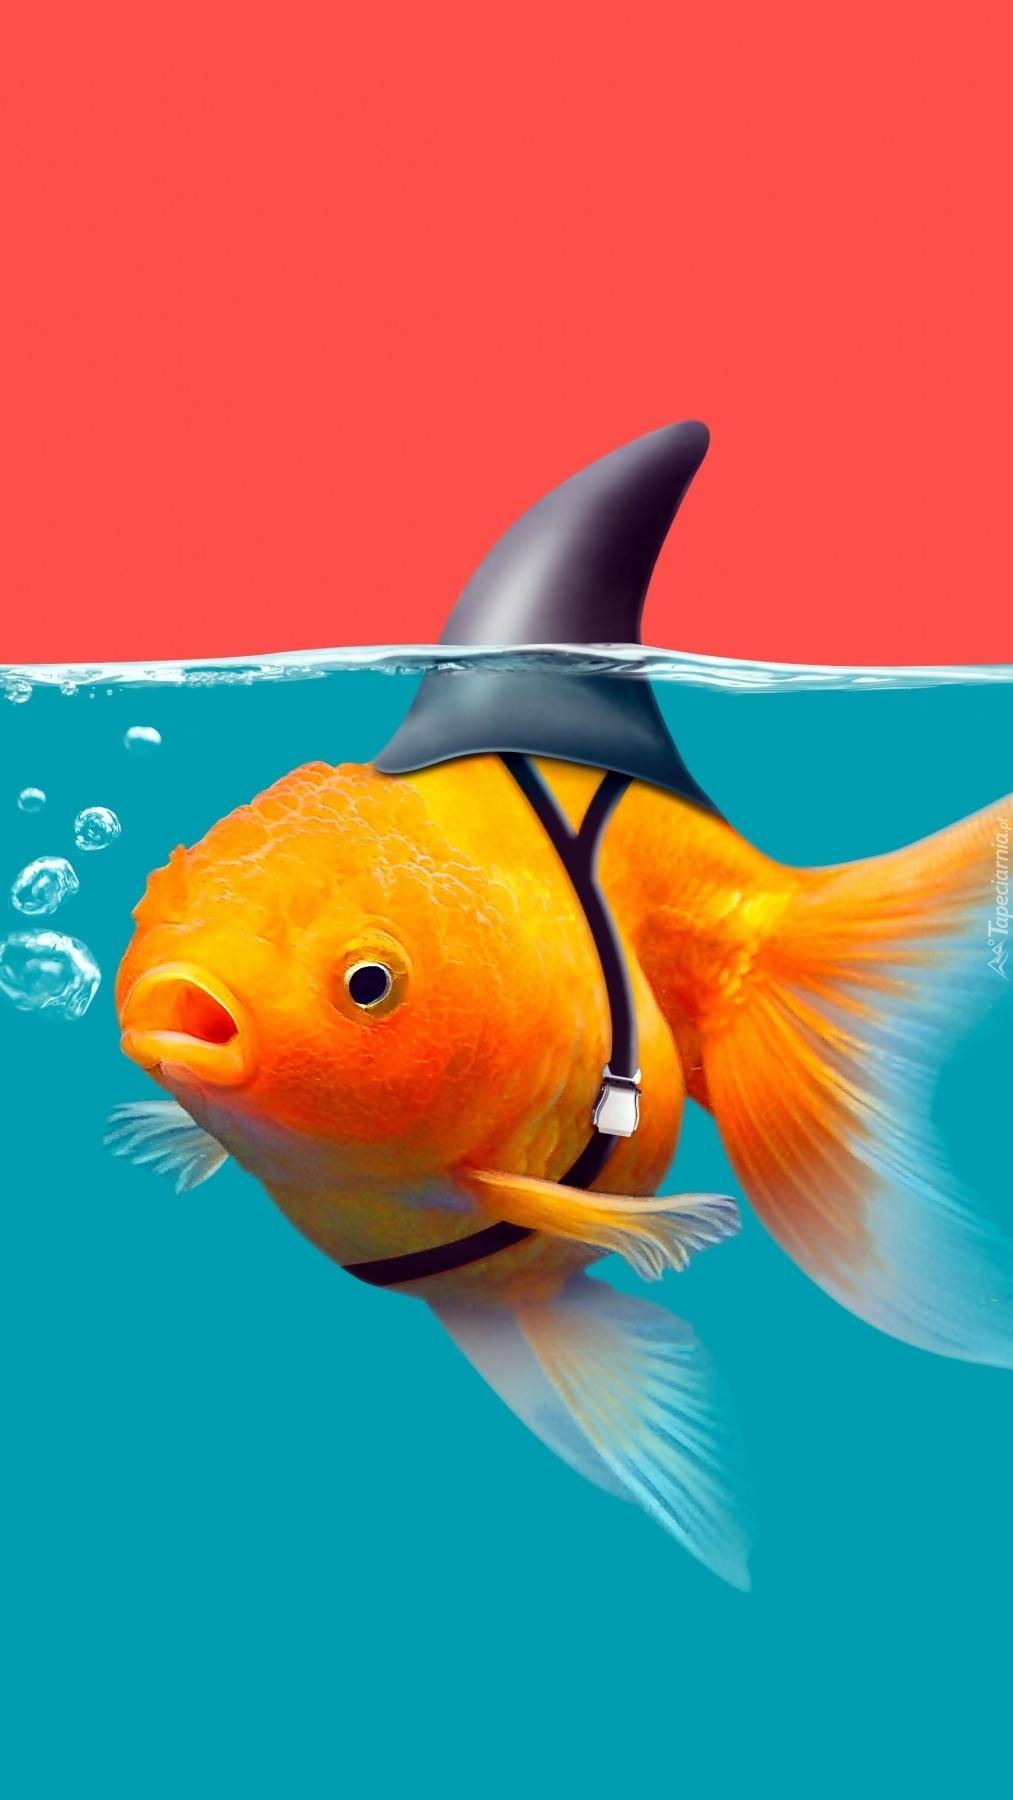 Grafika złotej rybki udającej rekina